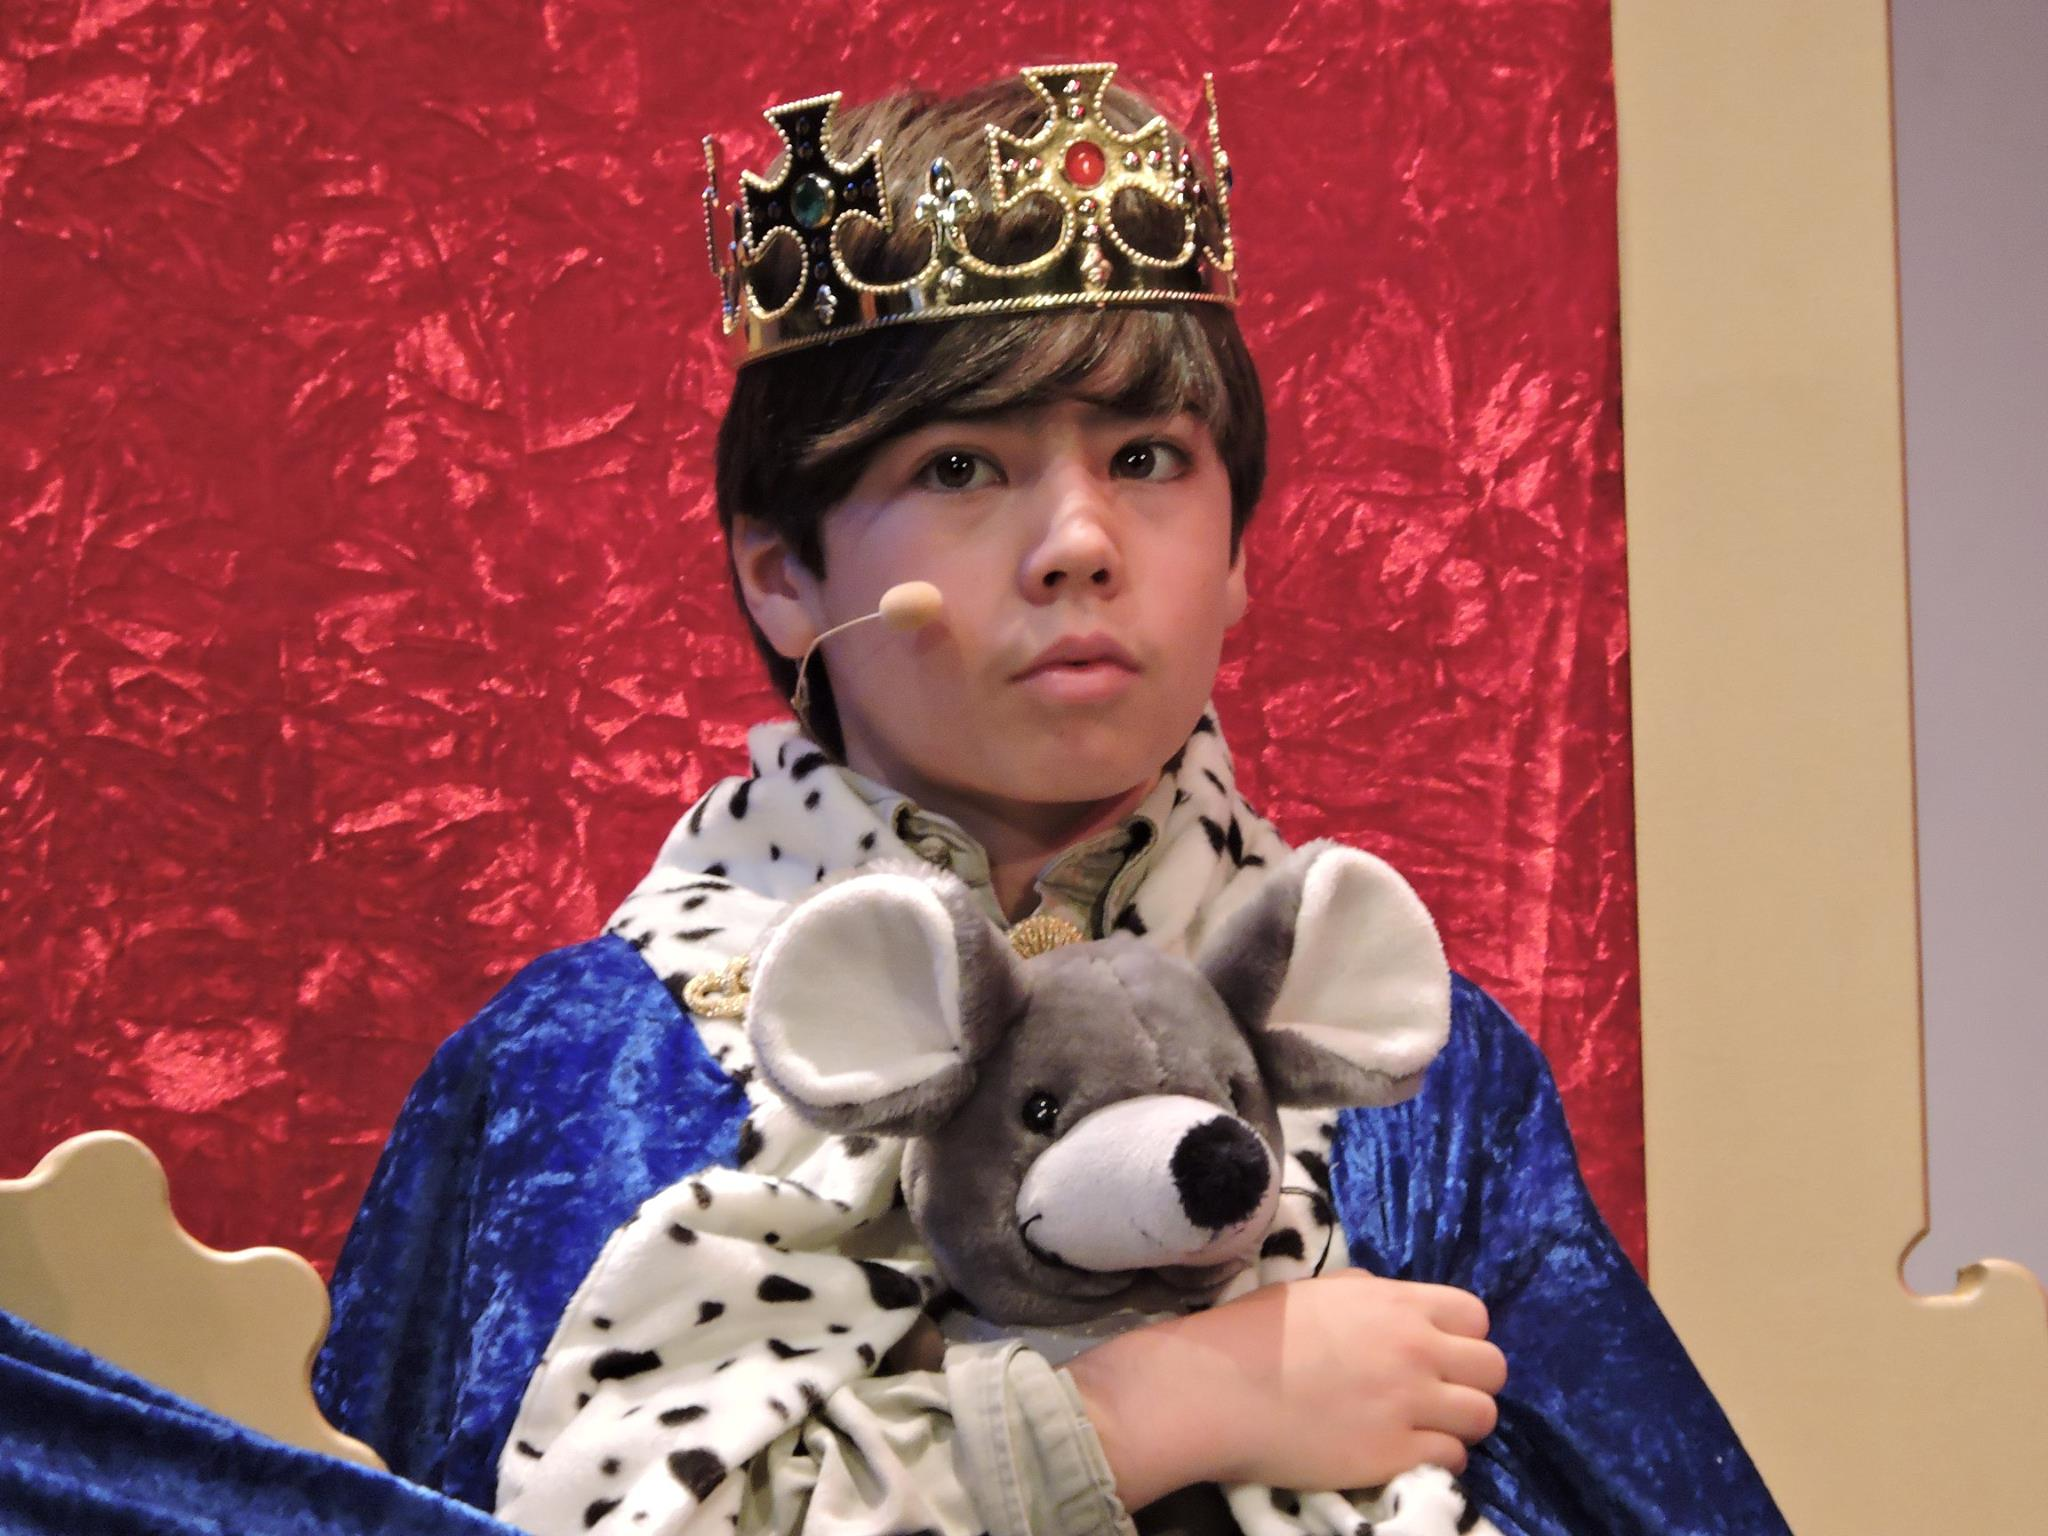 Koning Matthijsje.jpg